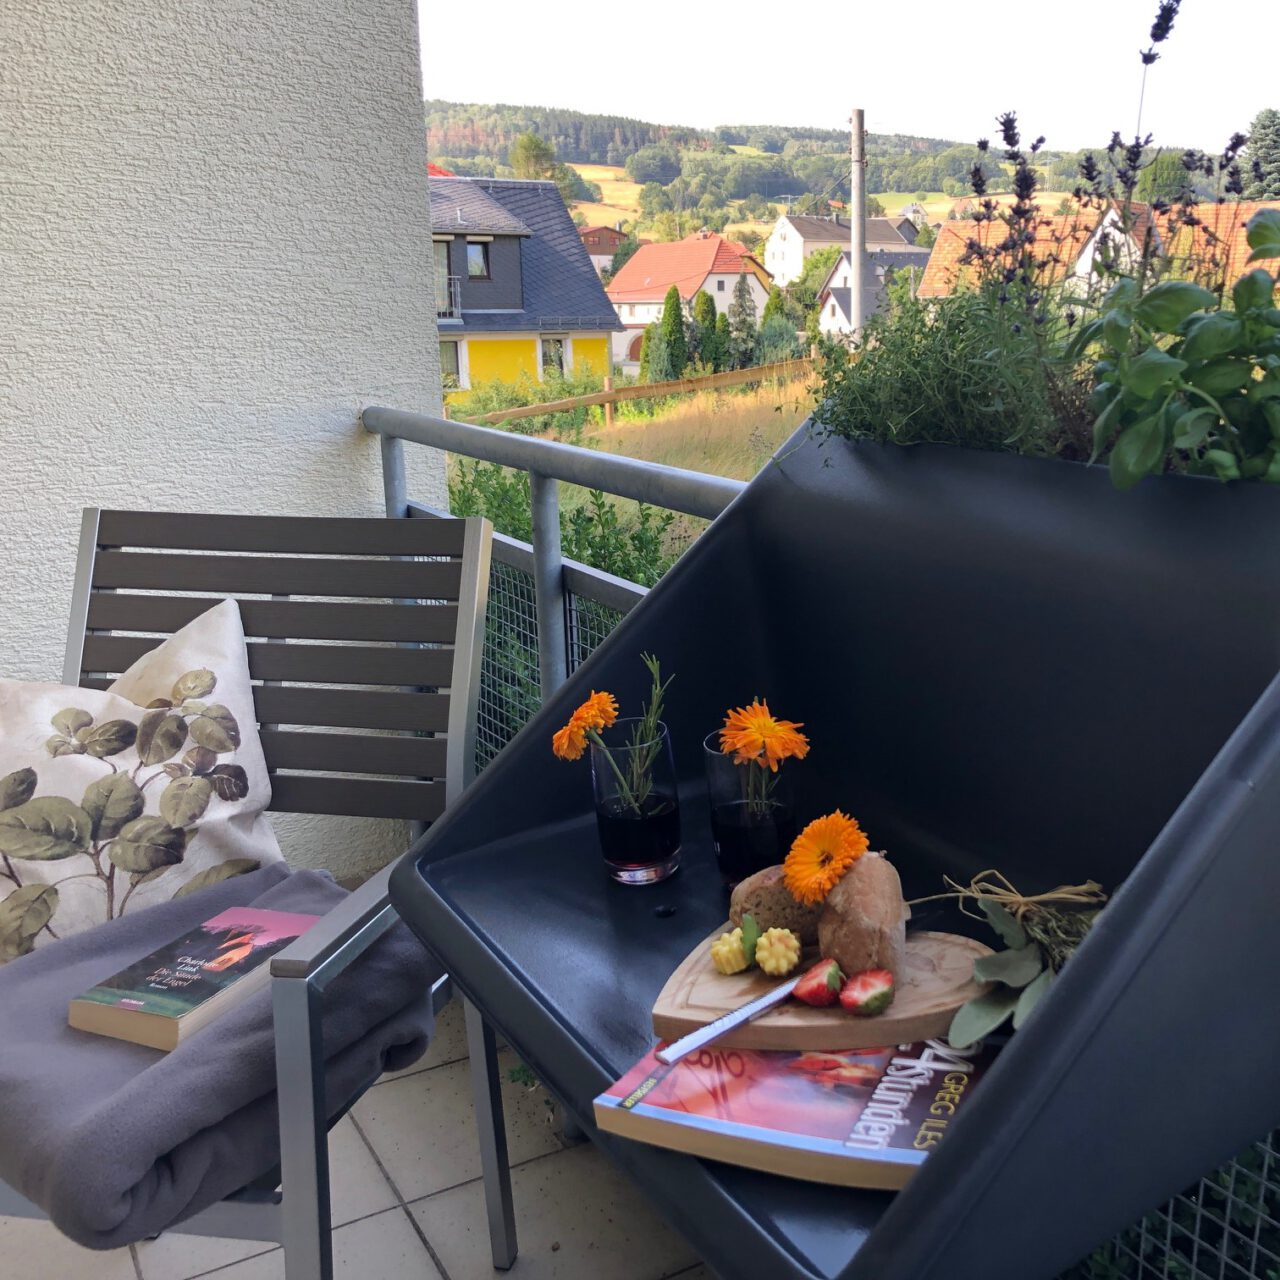 Unsere Zimmer mit Balkon - Blick ins Grüne